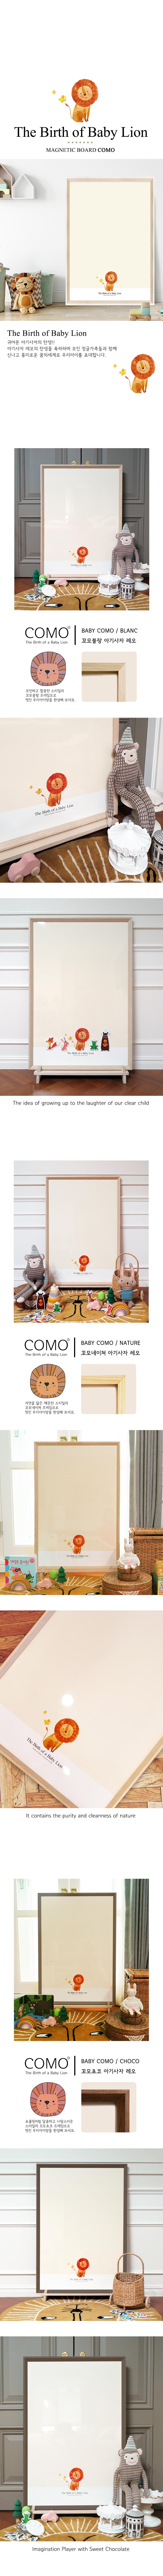 꼬모 베이비레오 M 칠판 자석 유아 화이트 놀이 - 꼬메모이, 75,000원, 교육완구, 컬러보드